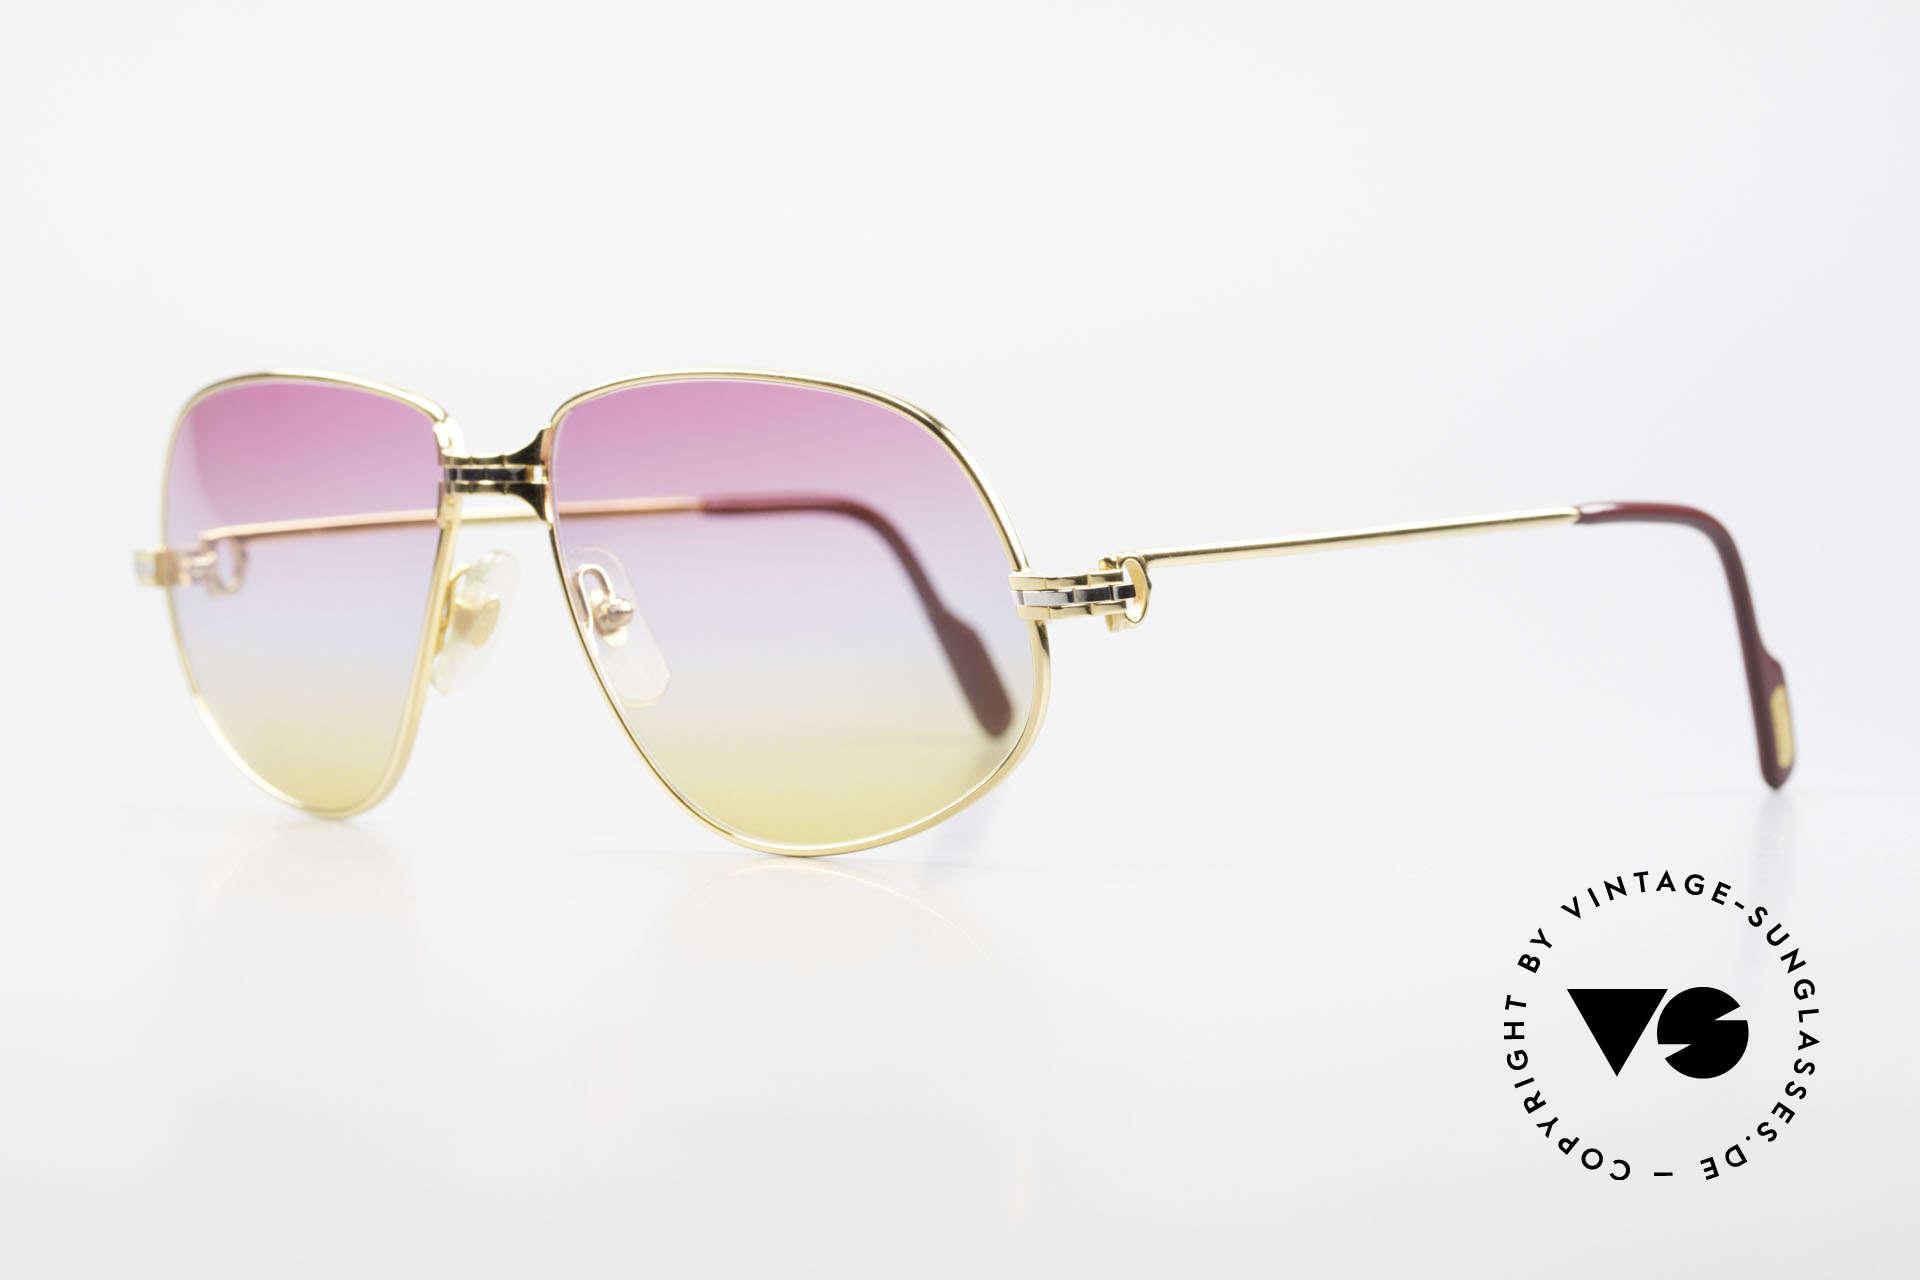 Cartier Panthere G.M. - L Sunrise Gläser Mit Bvlgari Etui, wurde 1988 veröffentlicht und dann bis 1997 produziert, Passend für Herren und Damen